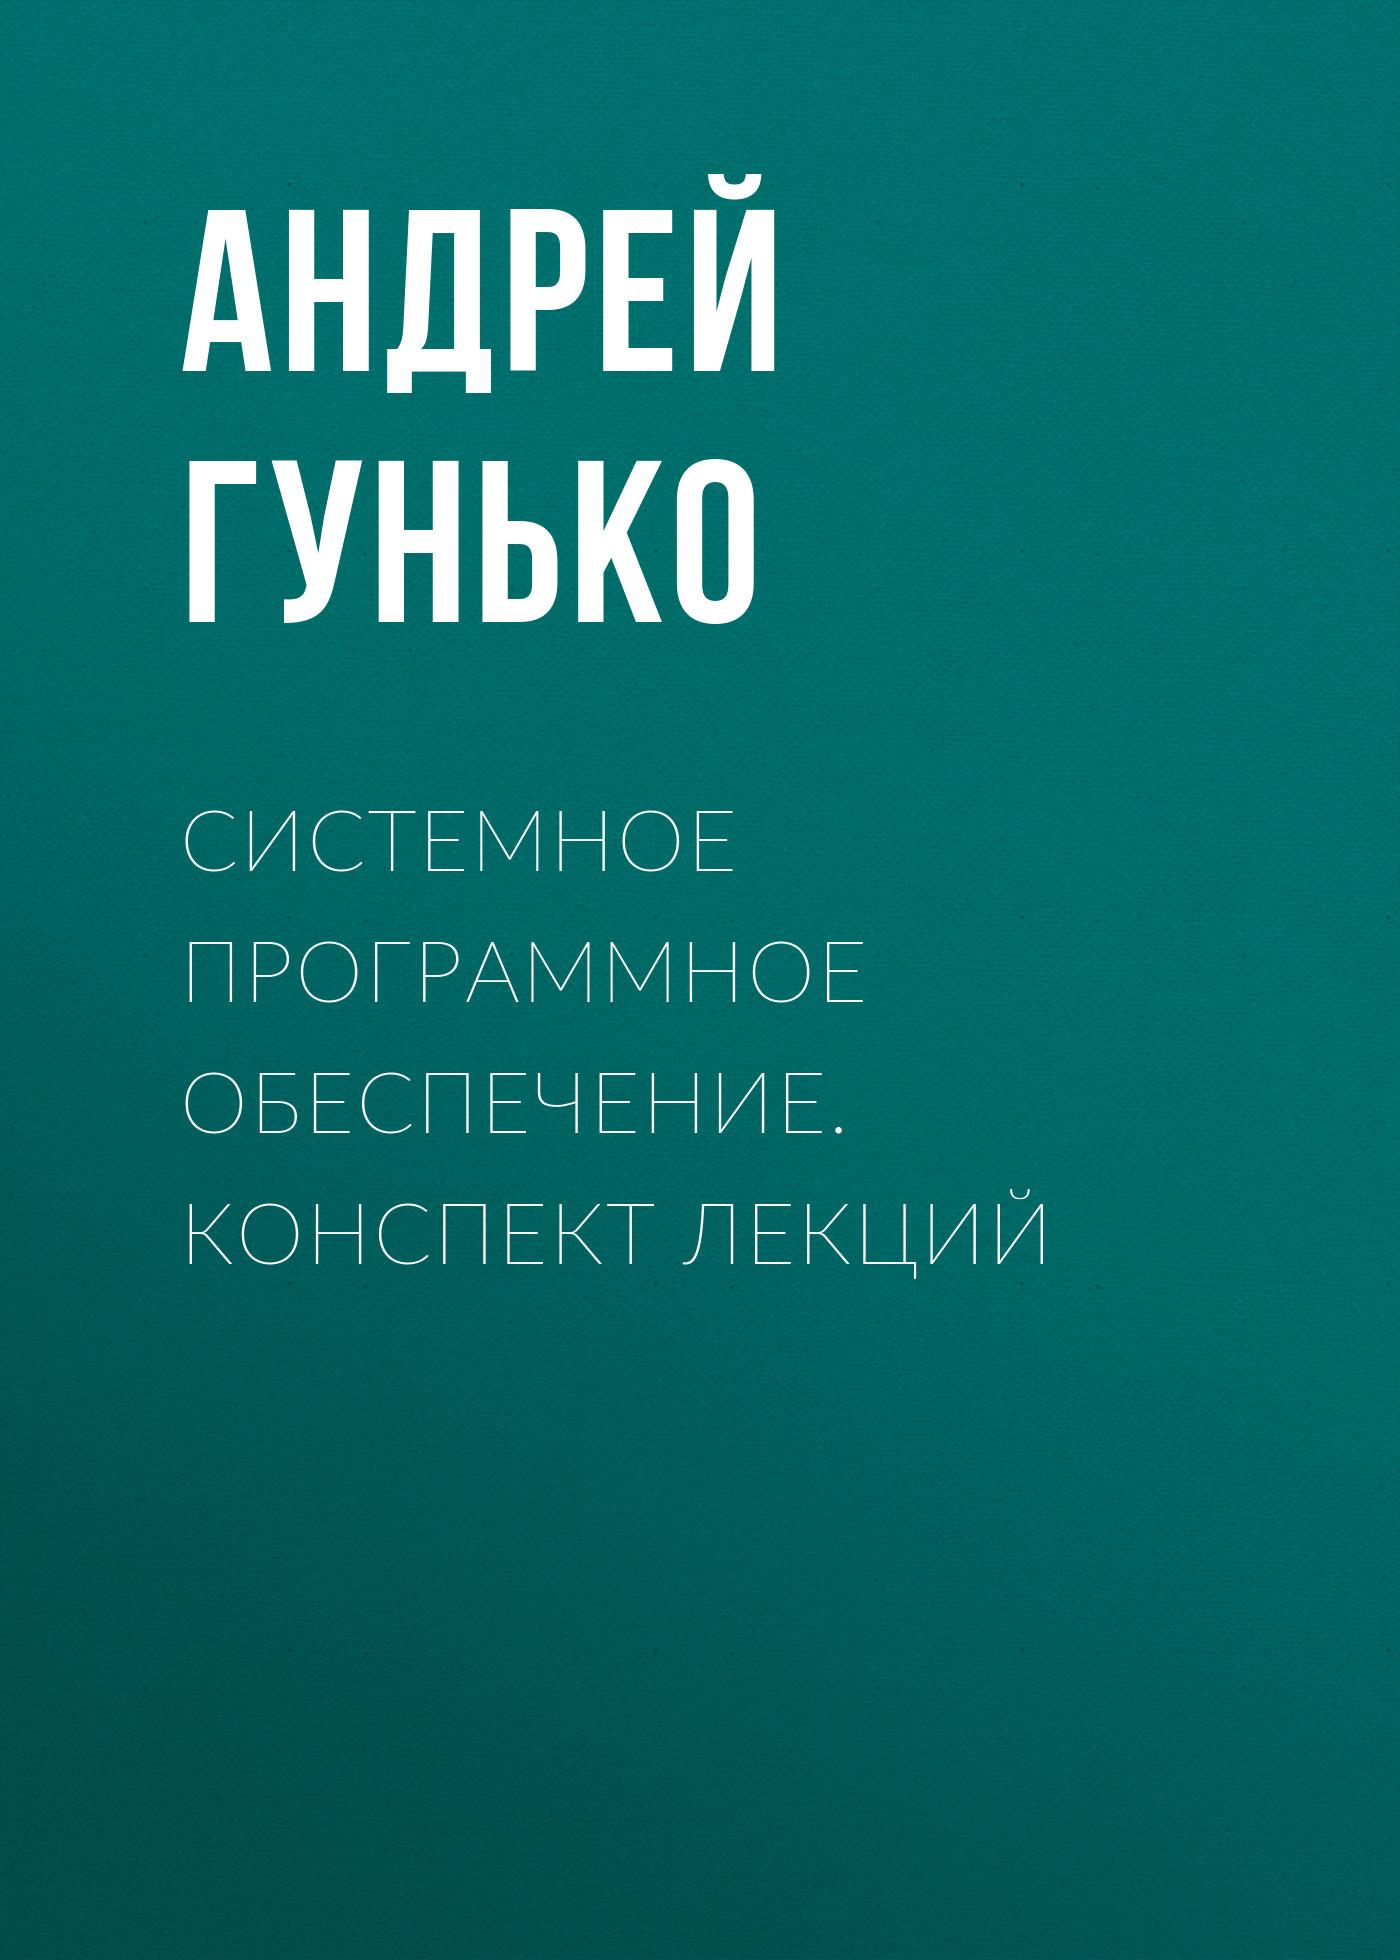 Обложка книги Системное программное обеспечение. Конспект лекций, автор Андрей Гунько